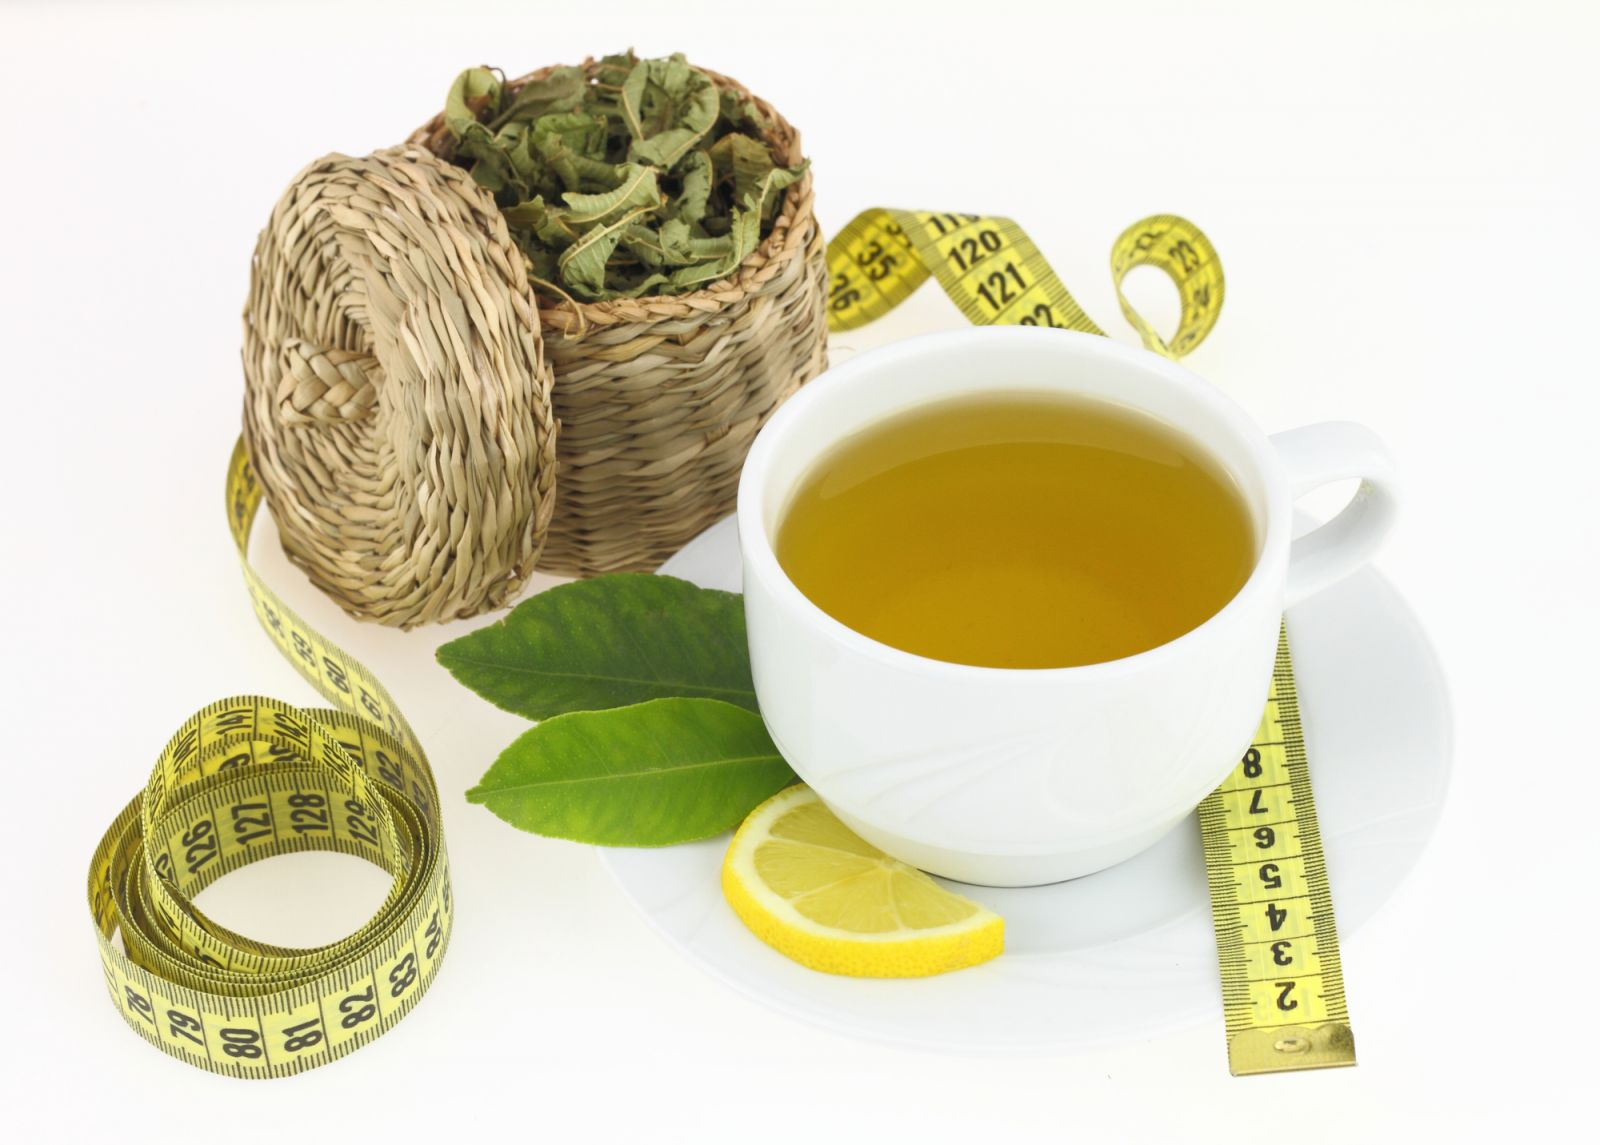 Чай Для Похудения Противопоказания. Разрекламированный чай для похудения: польза и вред, какой лучше выбрать